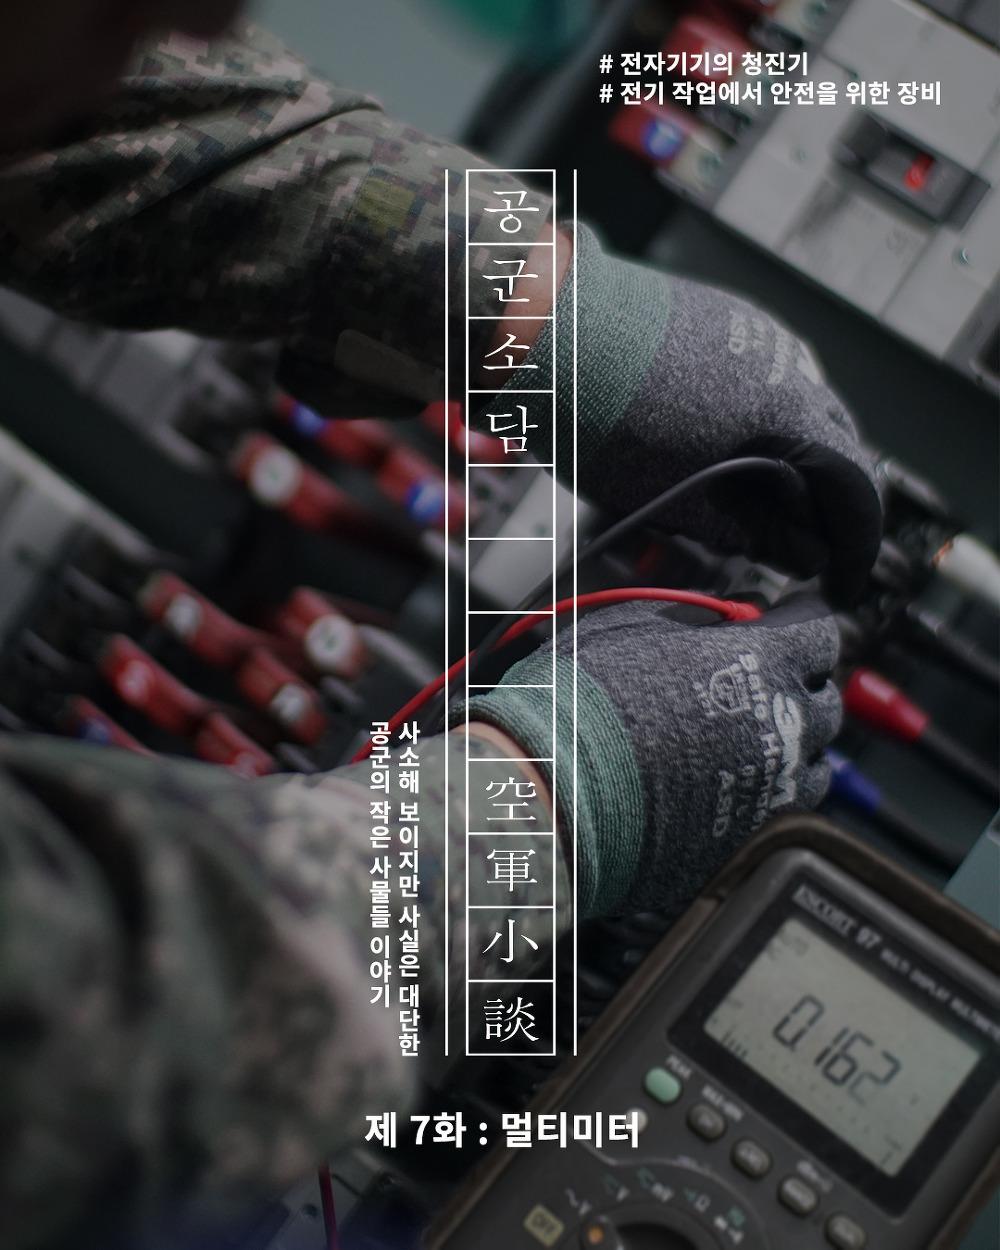 [공군소담] 일곱 번째 이야기, 멀티미터